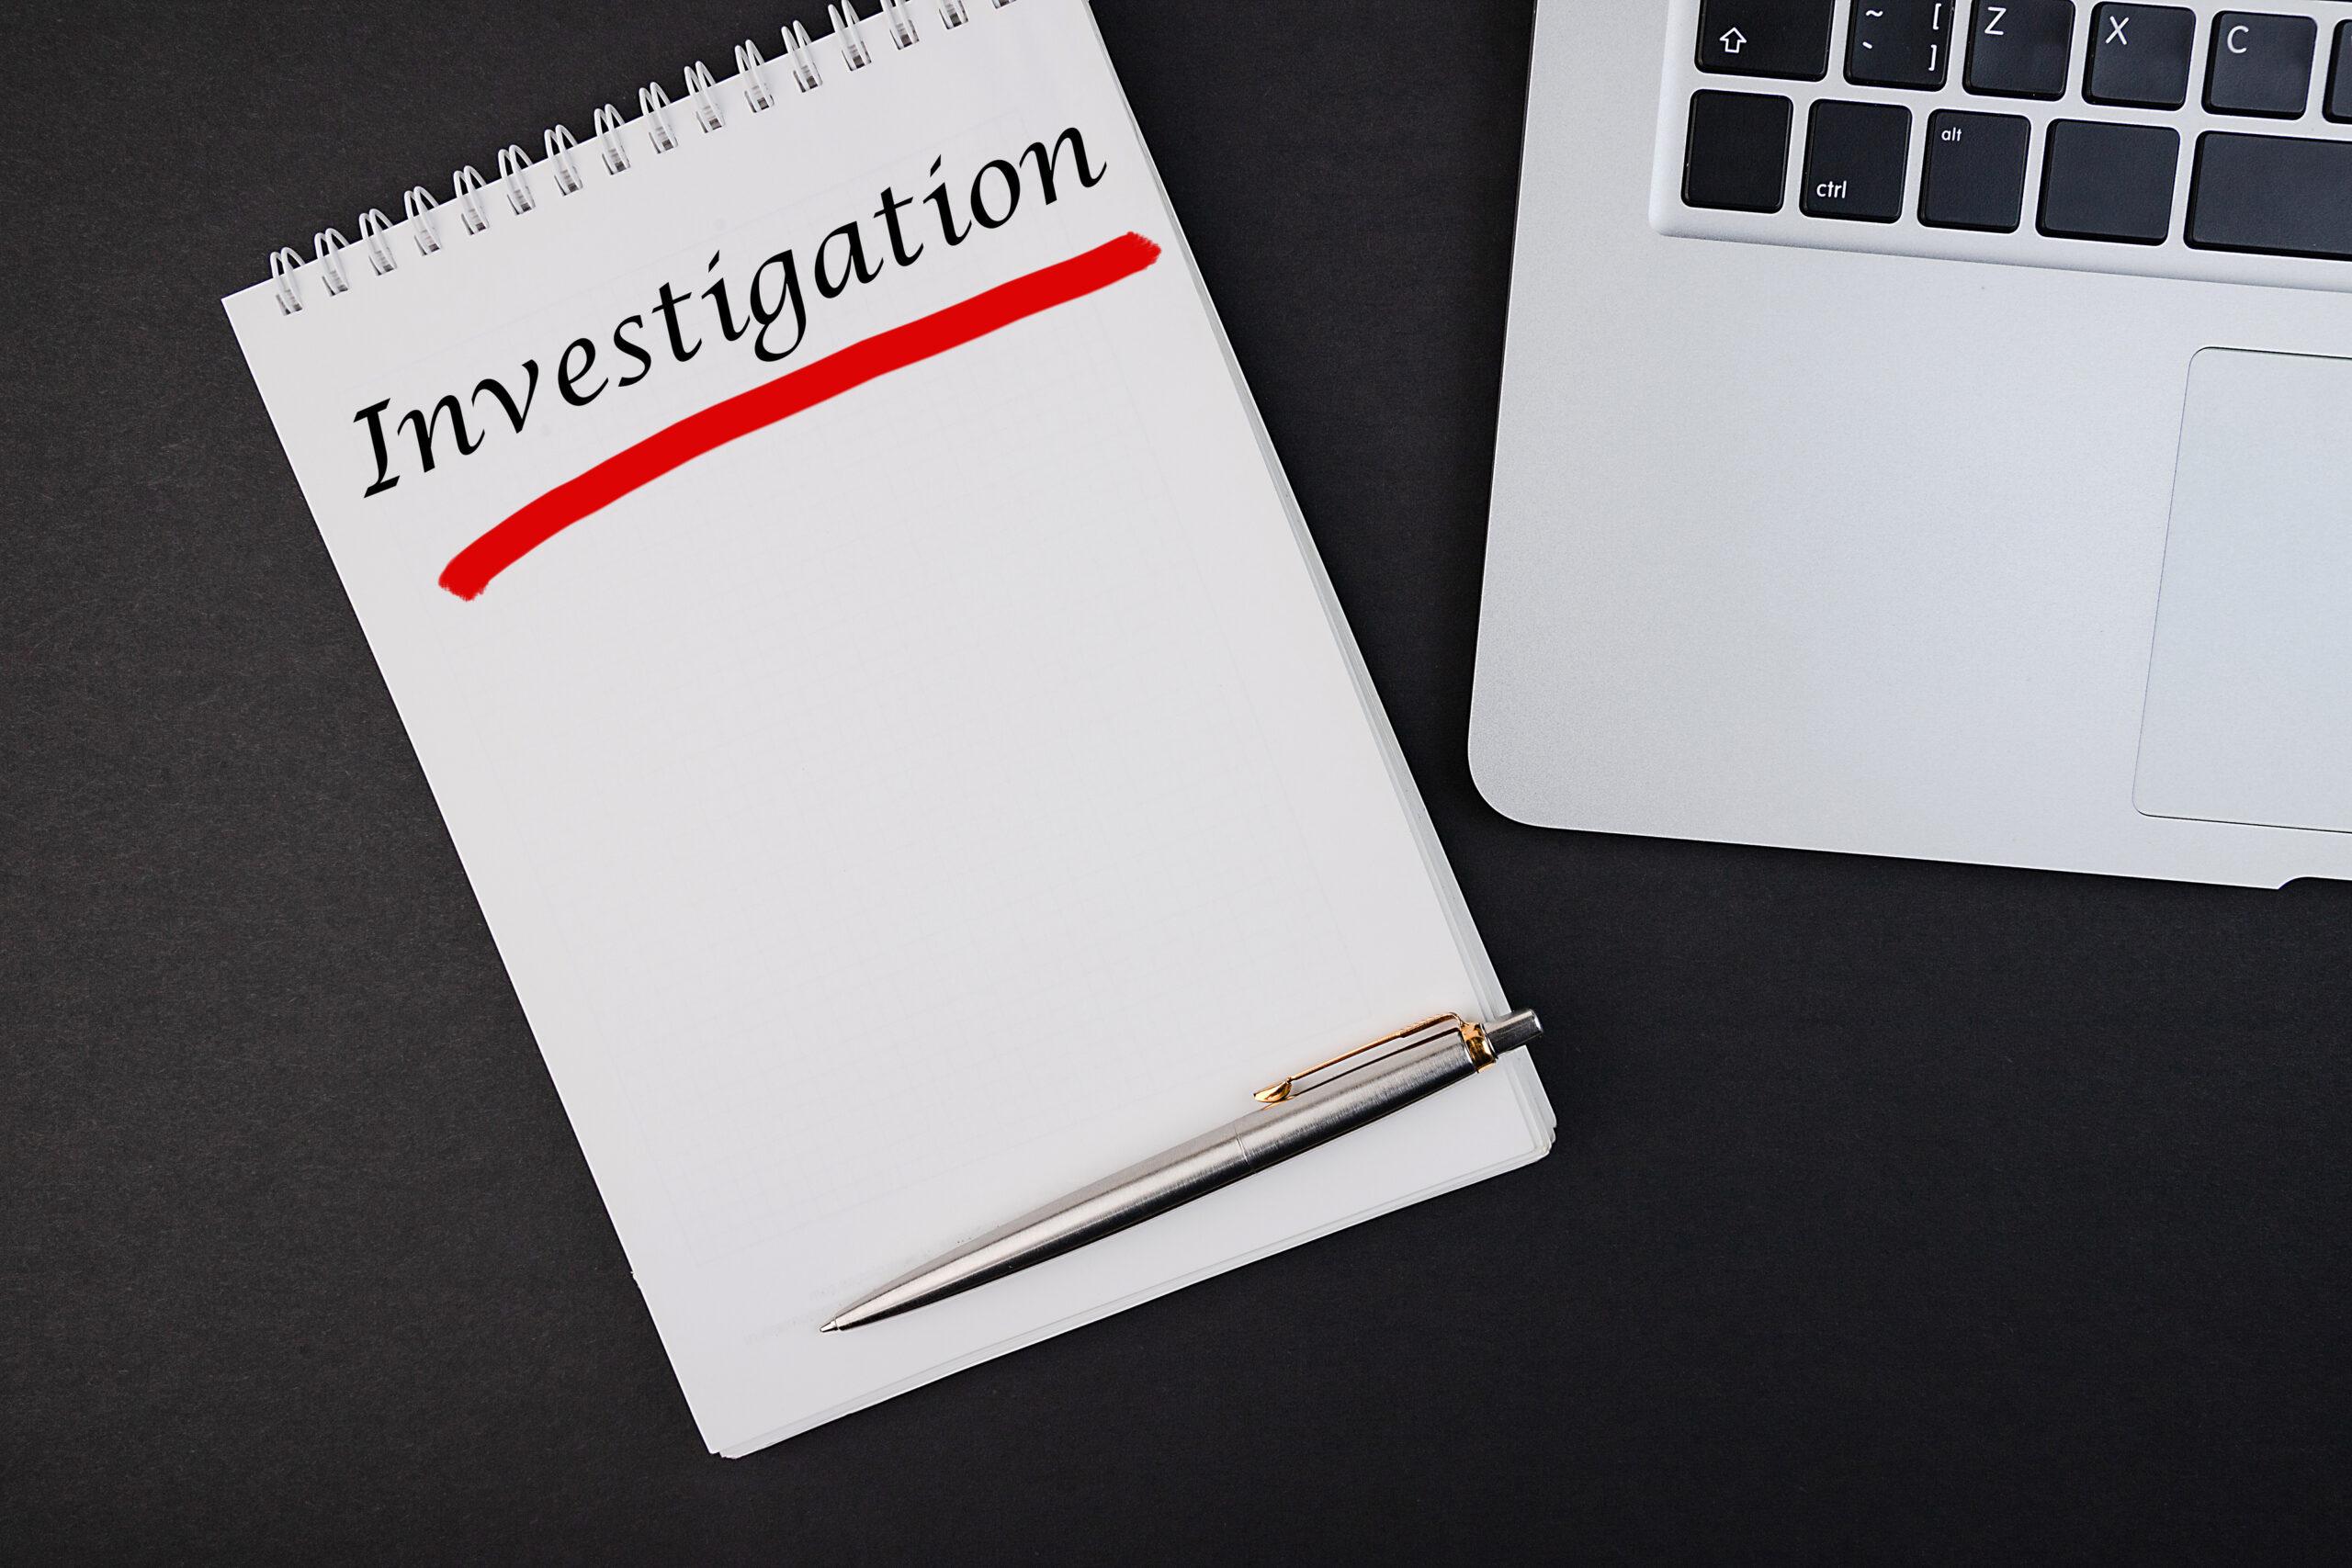 Case investigations